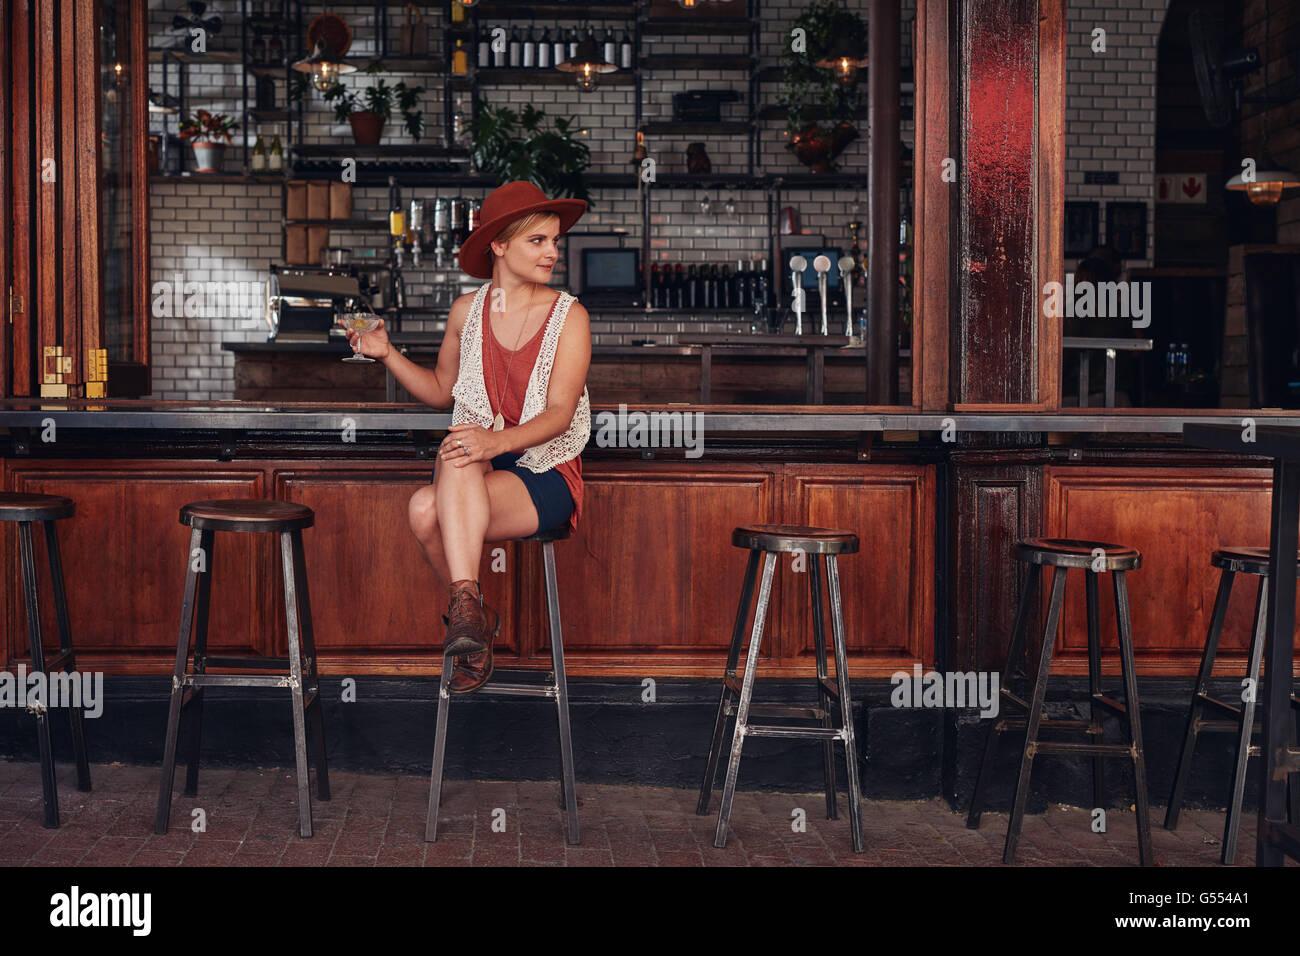 Elegante retrato de mujer joven sentado en un café con copa y mirando a otro lado. Hermosas mujeres caucásicas Imagen De Stock